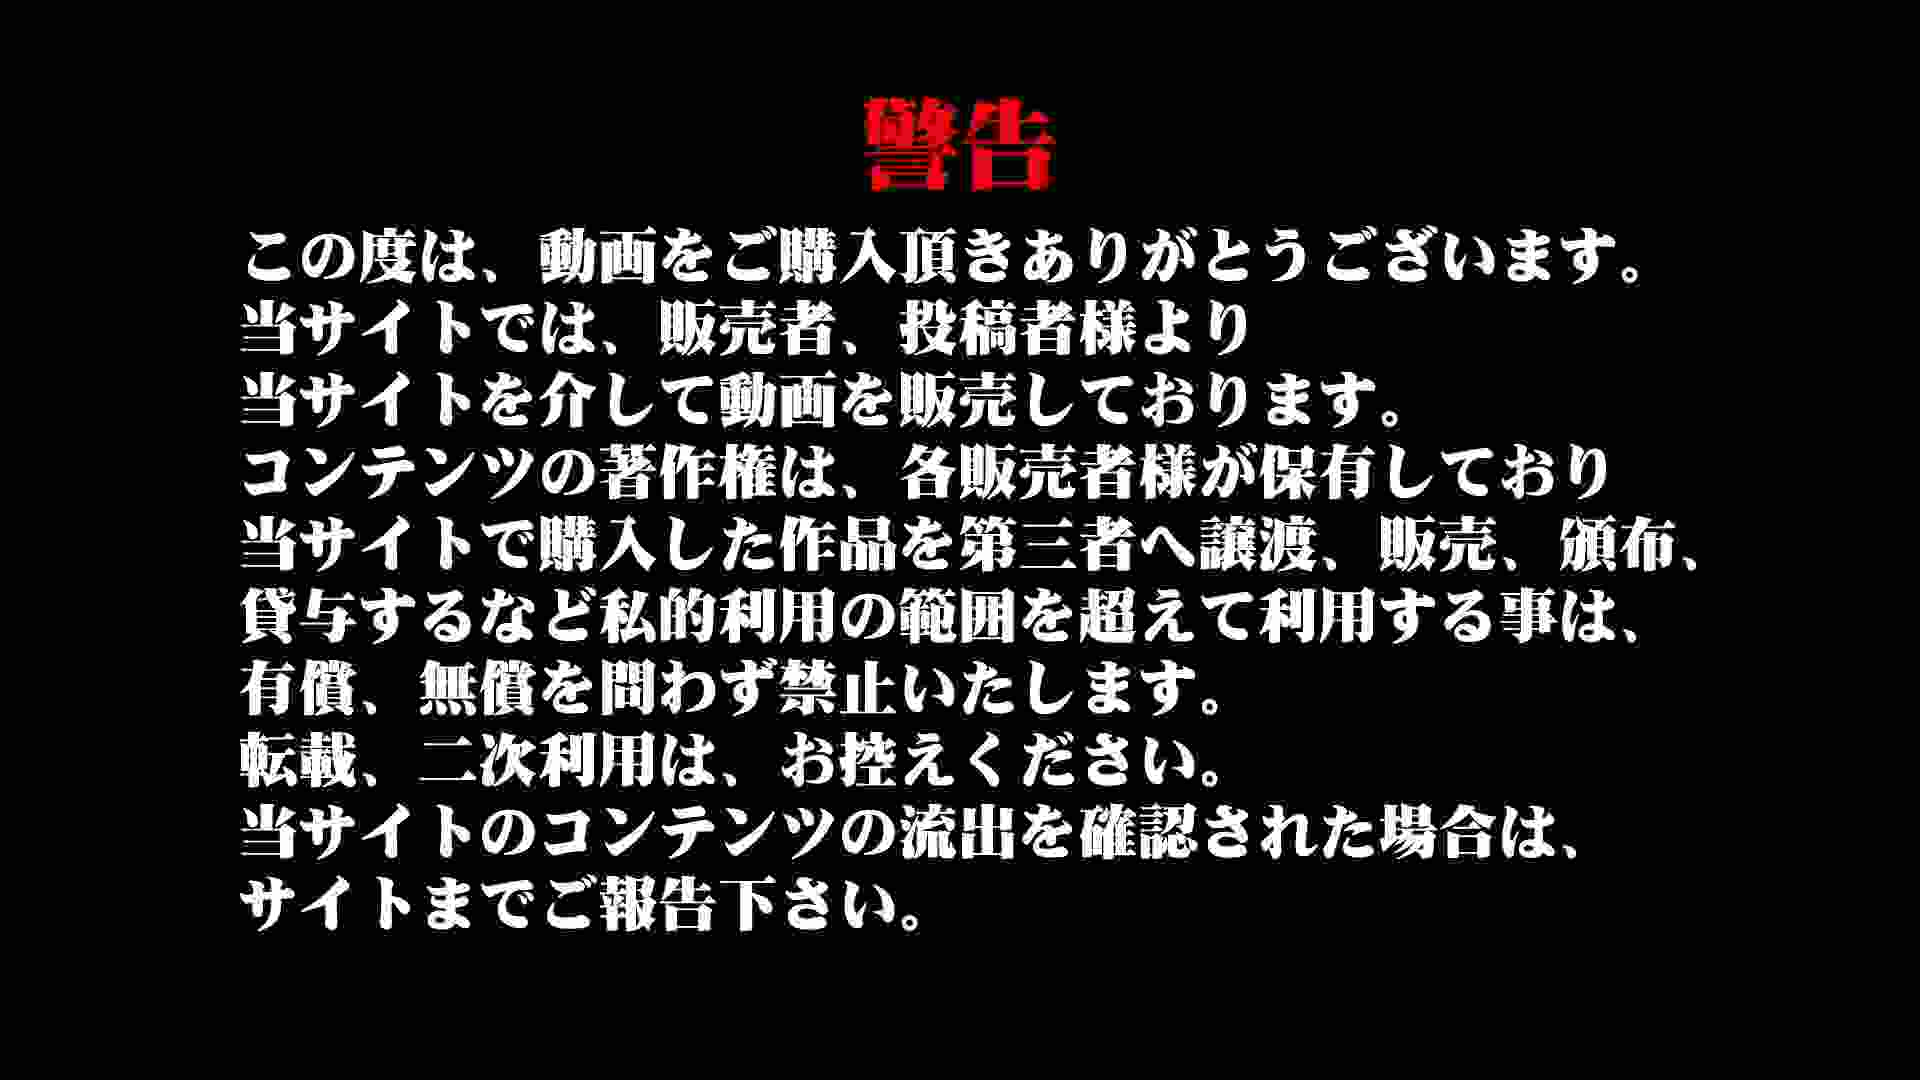 Aquaな露天風呂Vol.909 露天風呂 | 盗撮動画  11枚 1